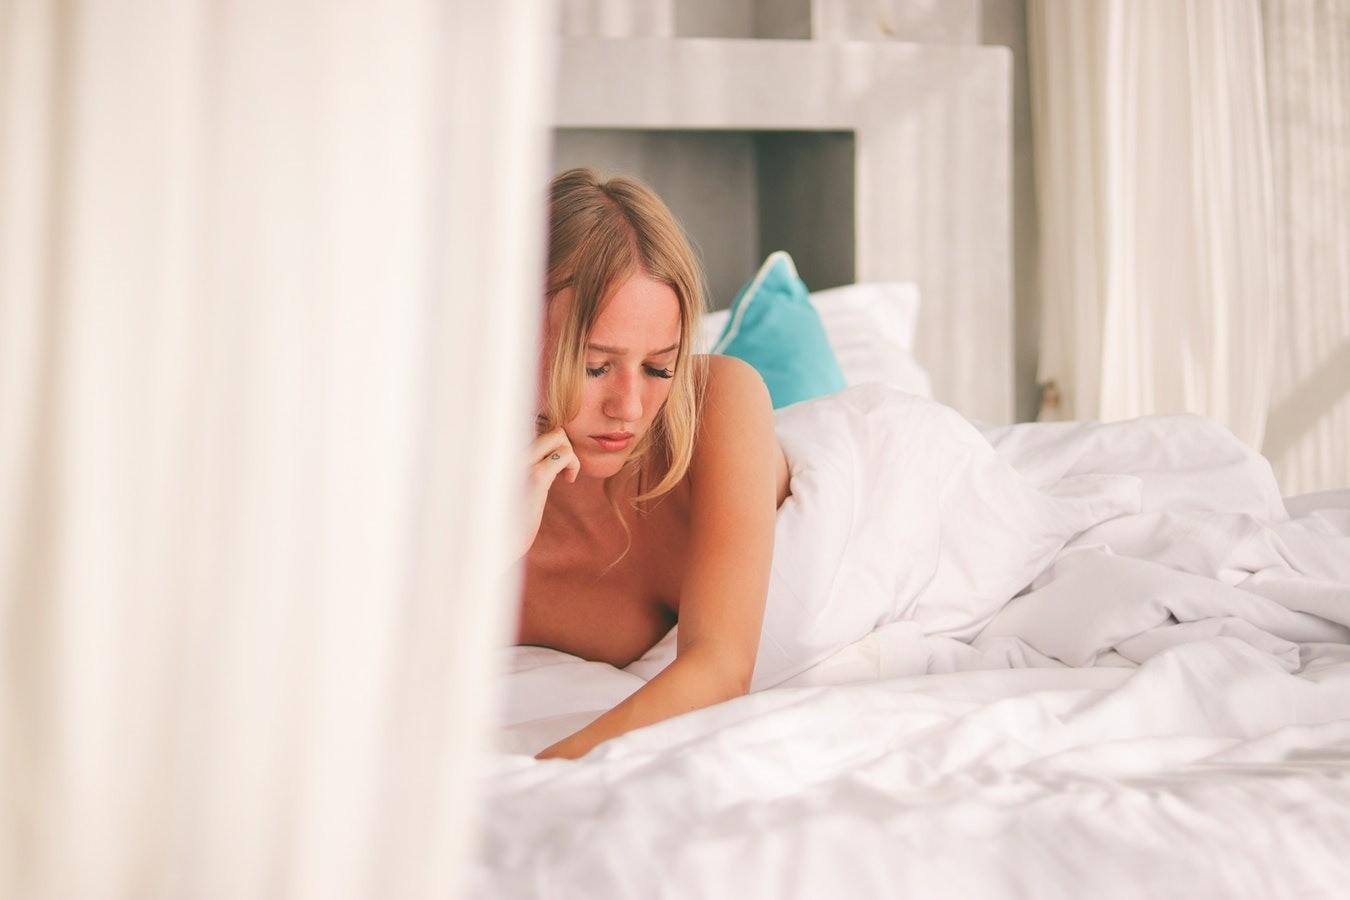 «Потому что не хочу!»: 5 правил, как грамотно отказаться от интима и не обидеть партнера